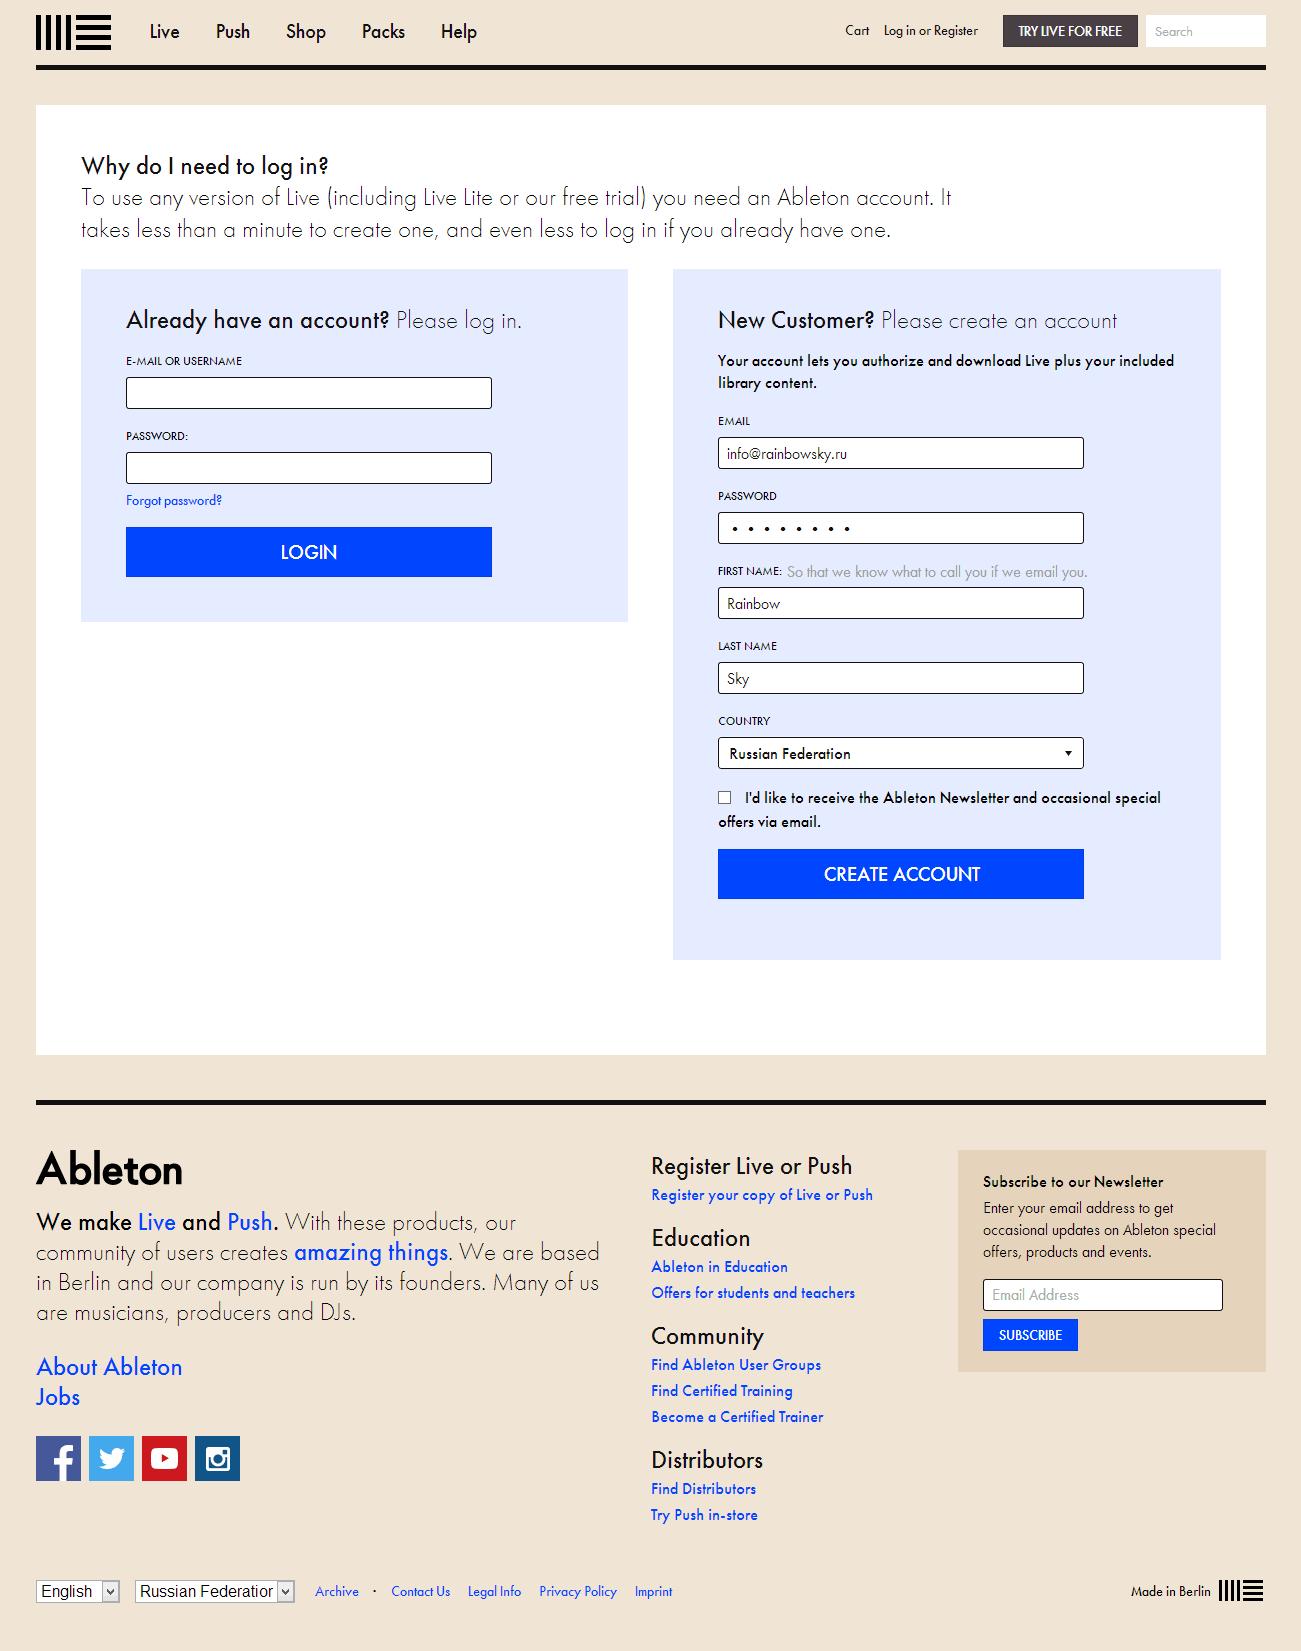 Получение учетной записи на сайте Ableton.com